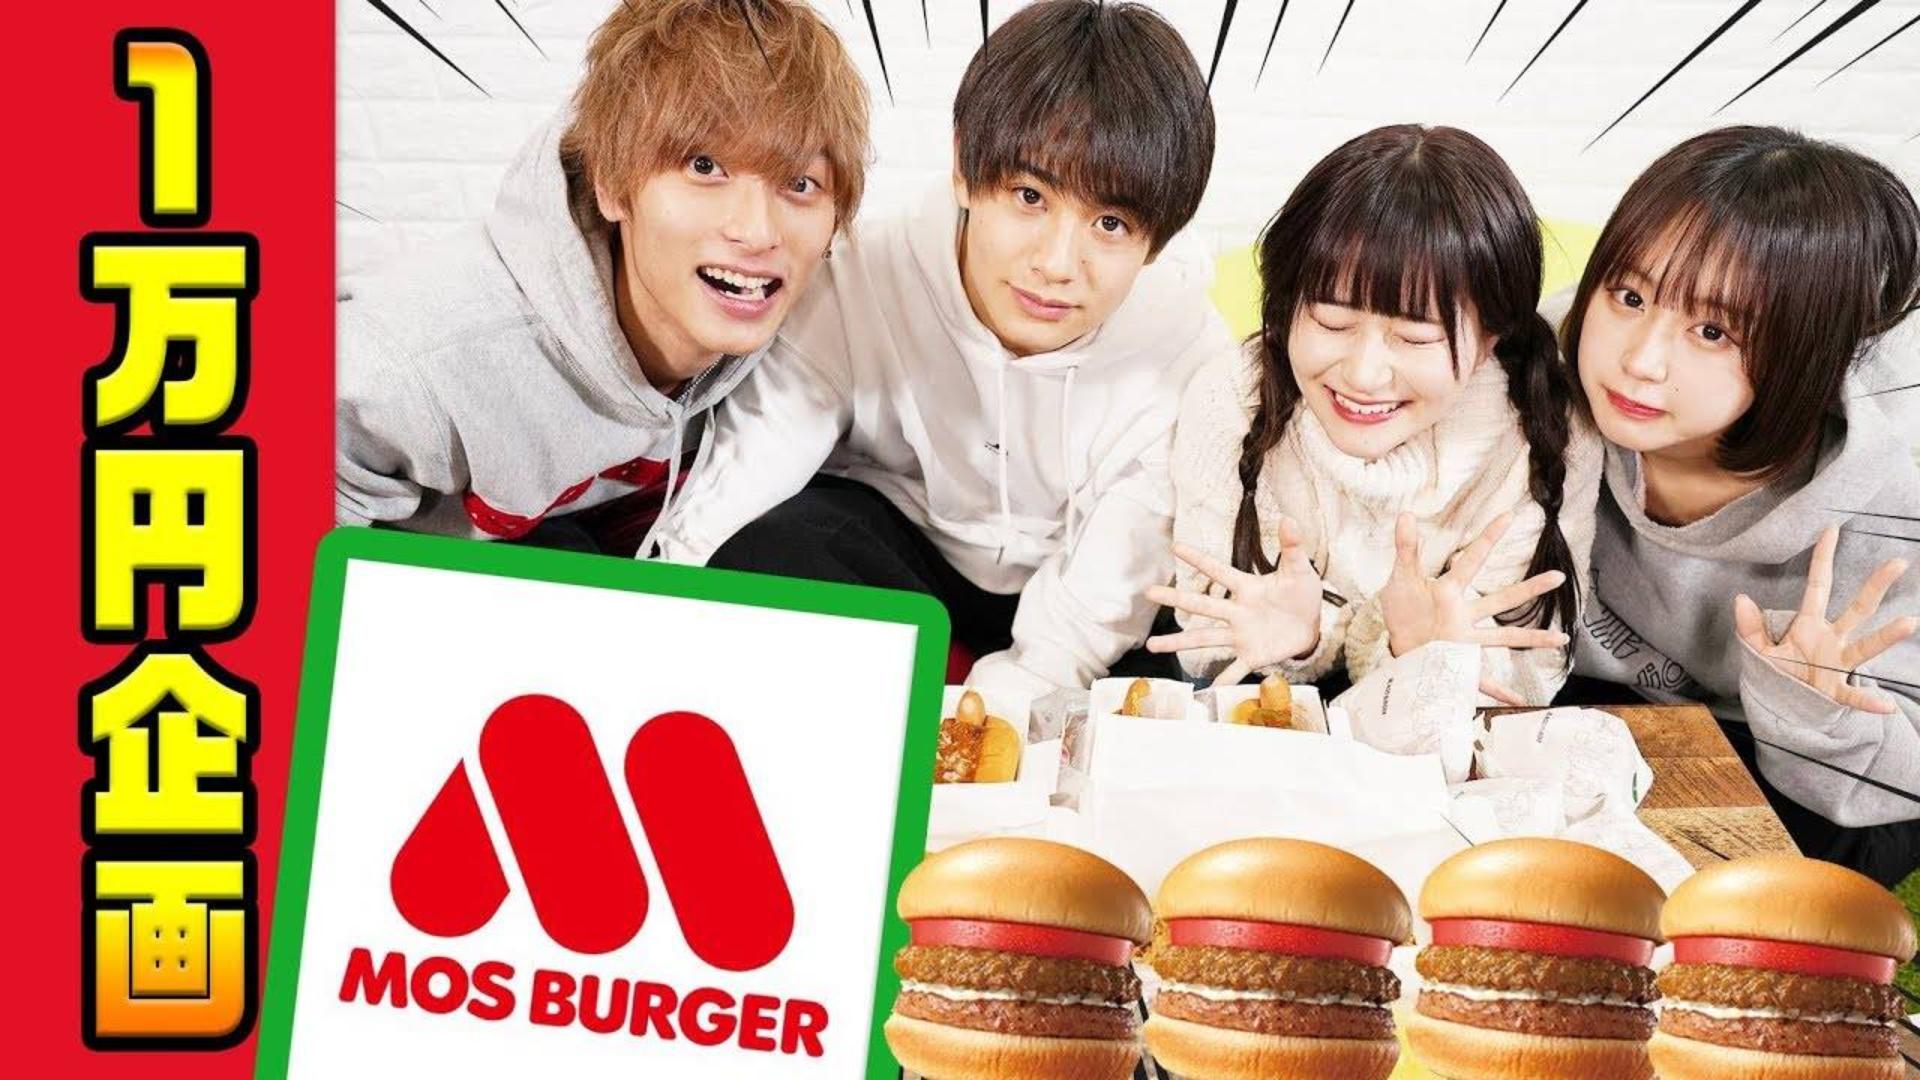 大胃口 吃了一万日元的摩斯汉堡